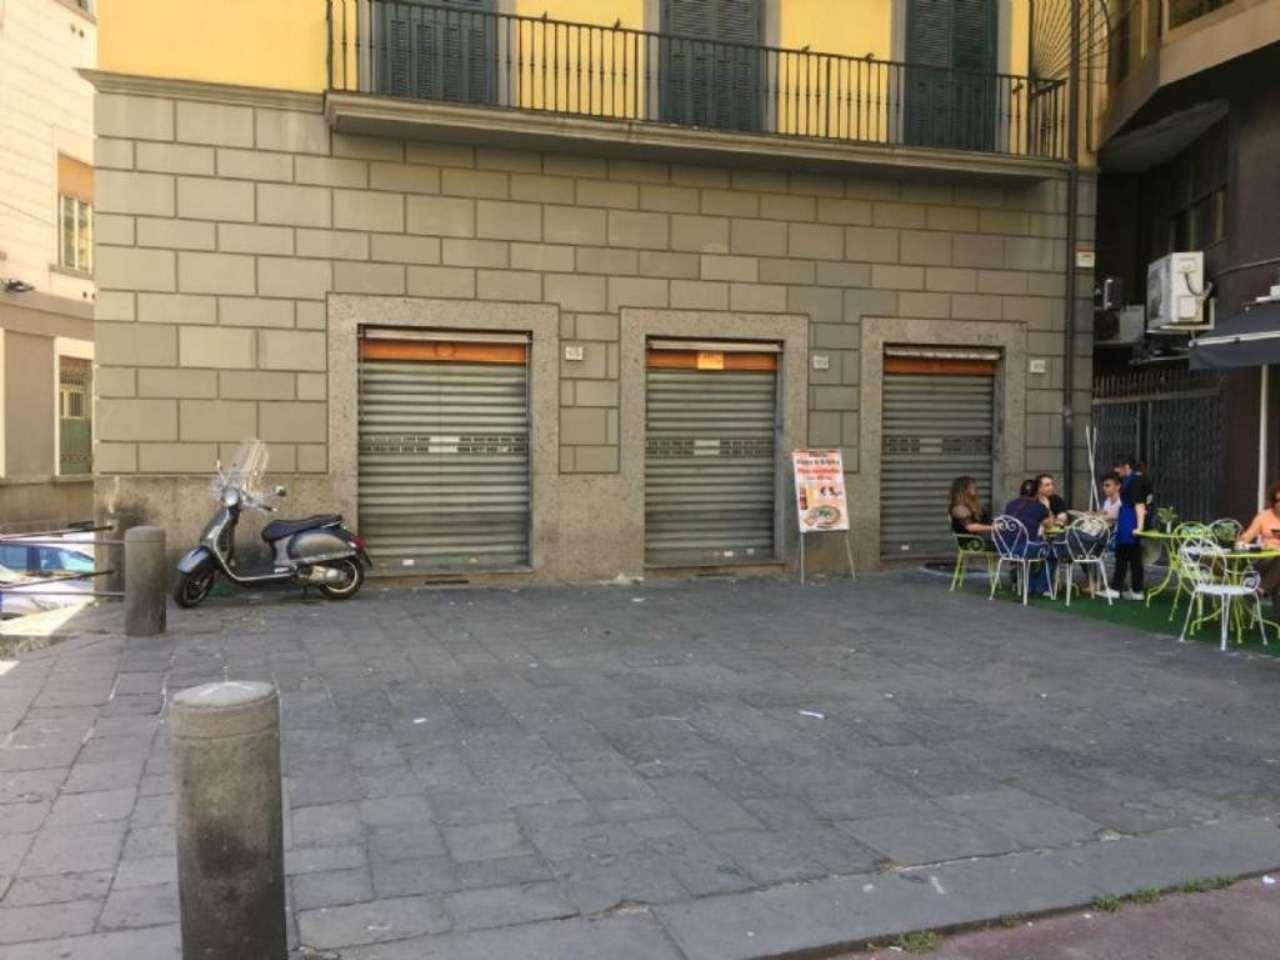 Negozio / Locale in affitto a Napoli, 3 locali, zona Zona: 2 . Mercato, Pendino, Avvocata, Montecalvario, Porto, S.Giuseppe, Centro Storico, prezzo € 2.500 | Cambio Casa.it